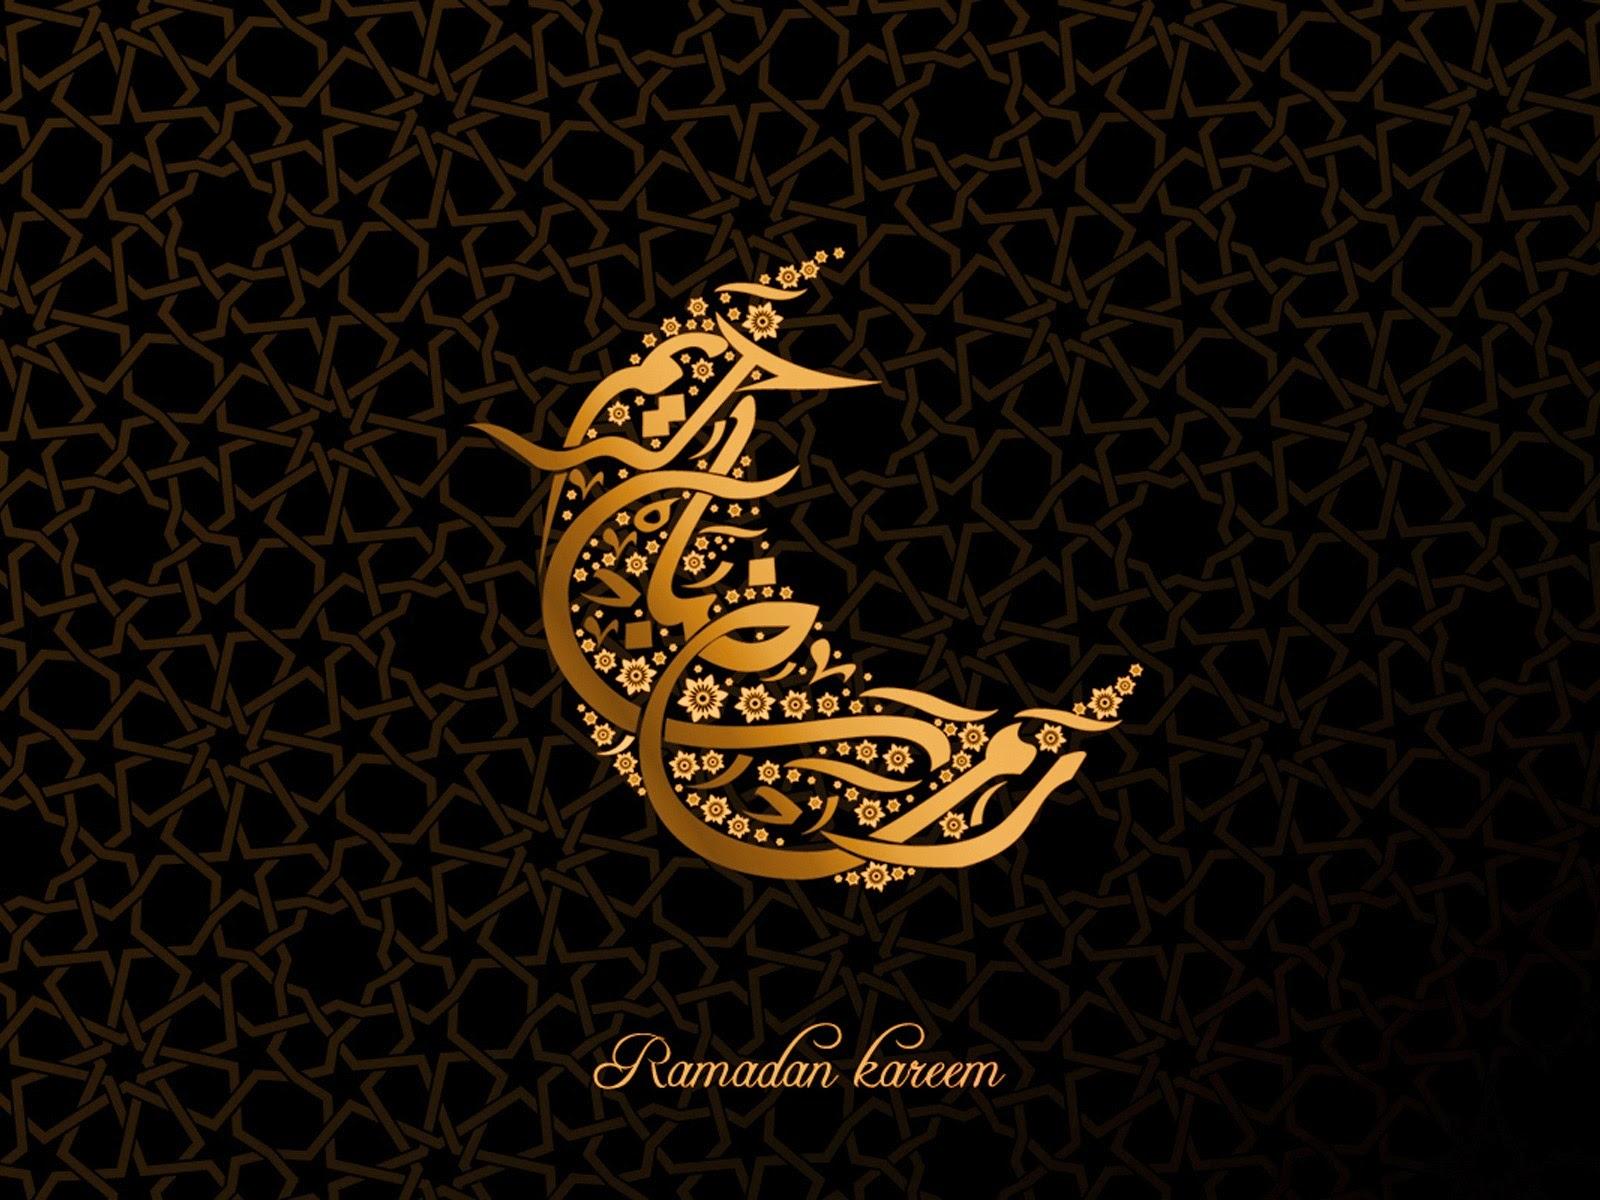 خلفيات رمضان كريم 2014